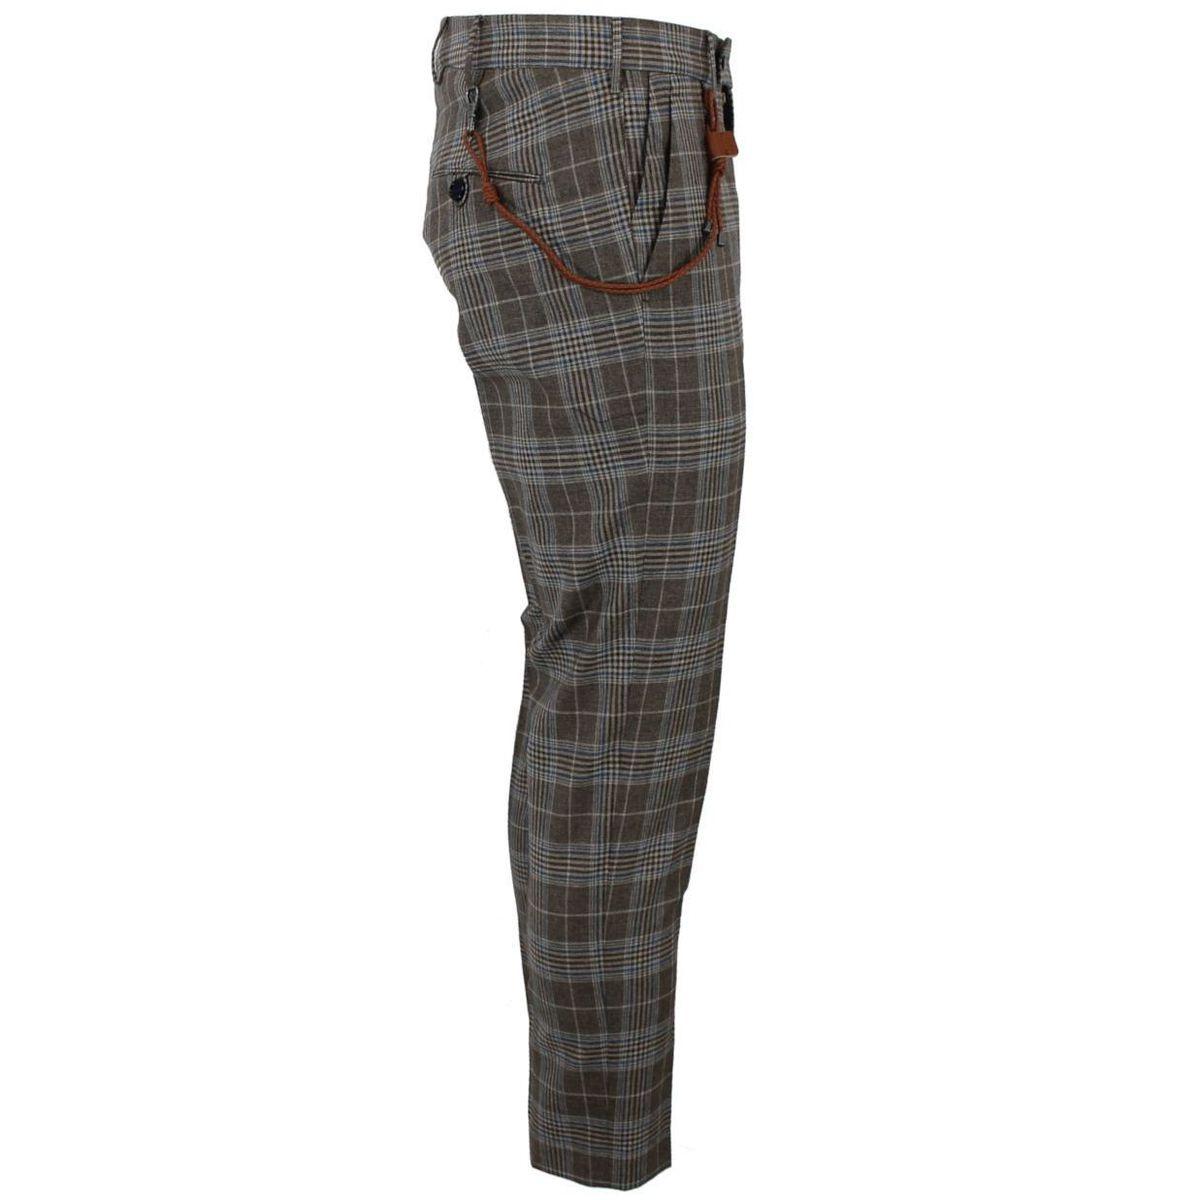 Pantalone tartan in cotone con laccetto intrecciato in pelle Marrone Berwich